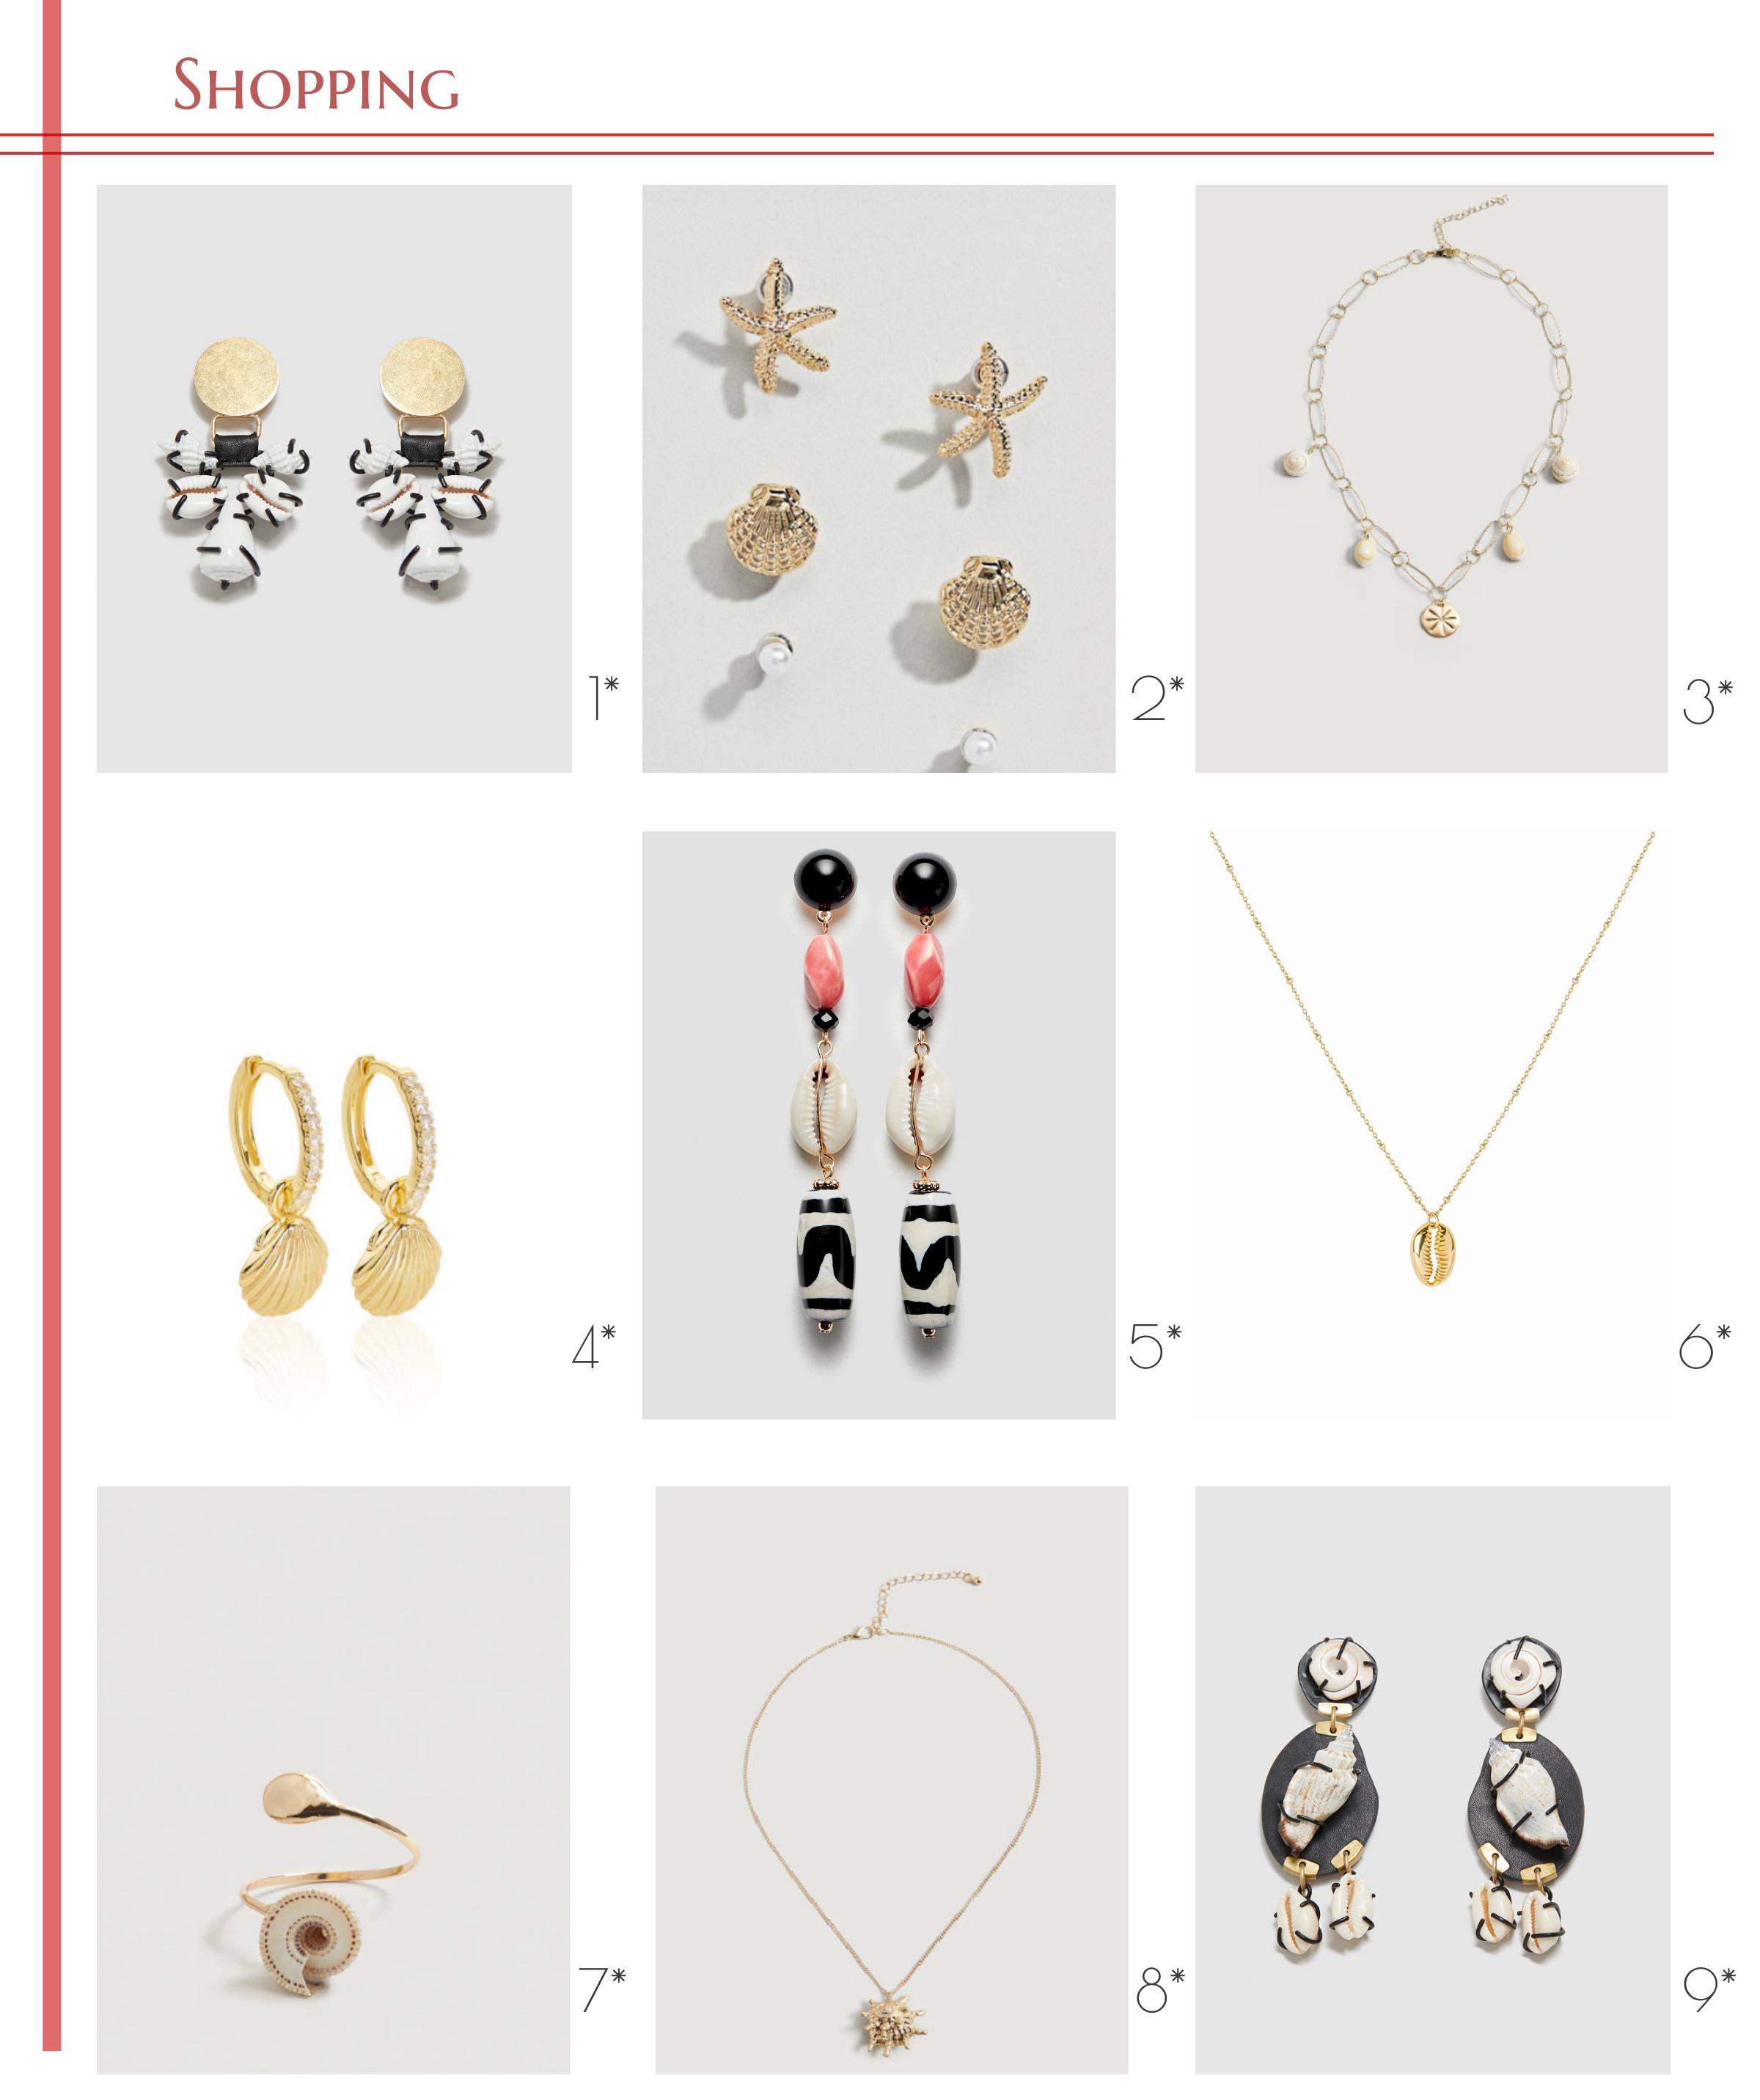 shopping accesorios con conchas